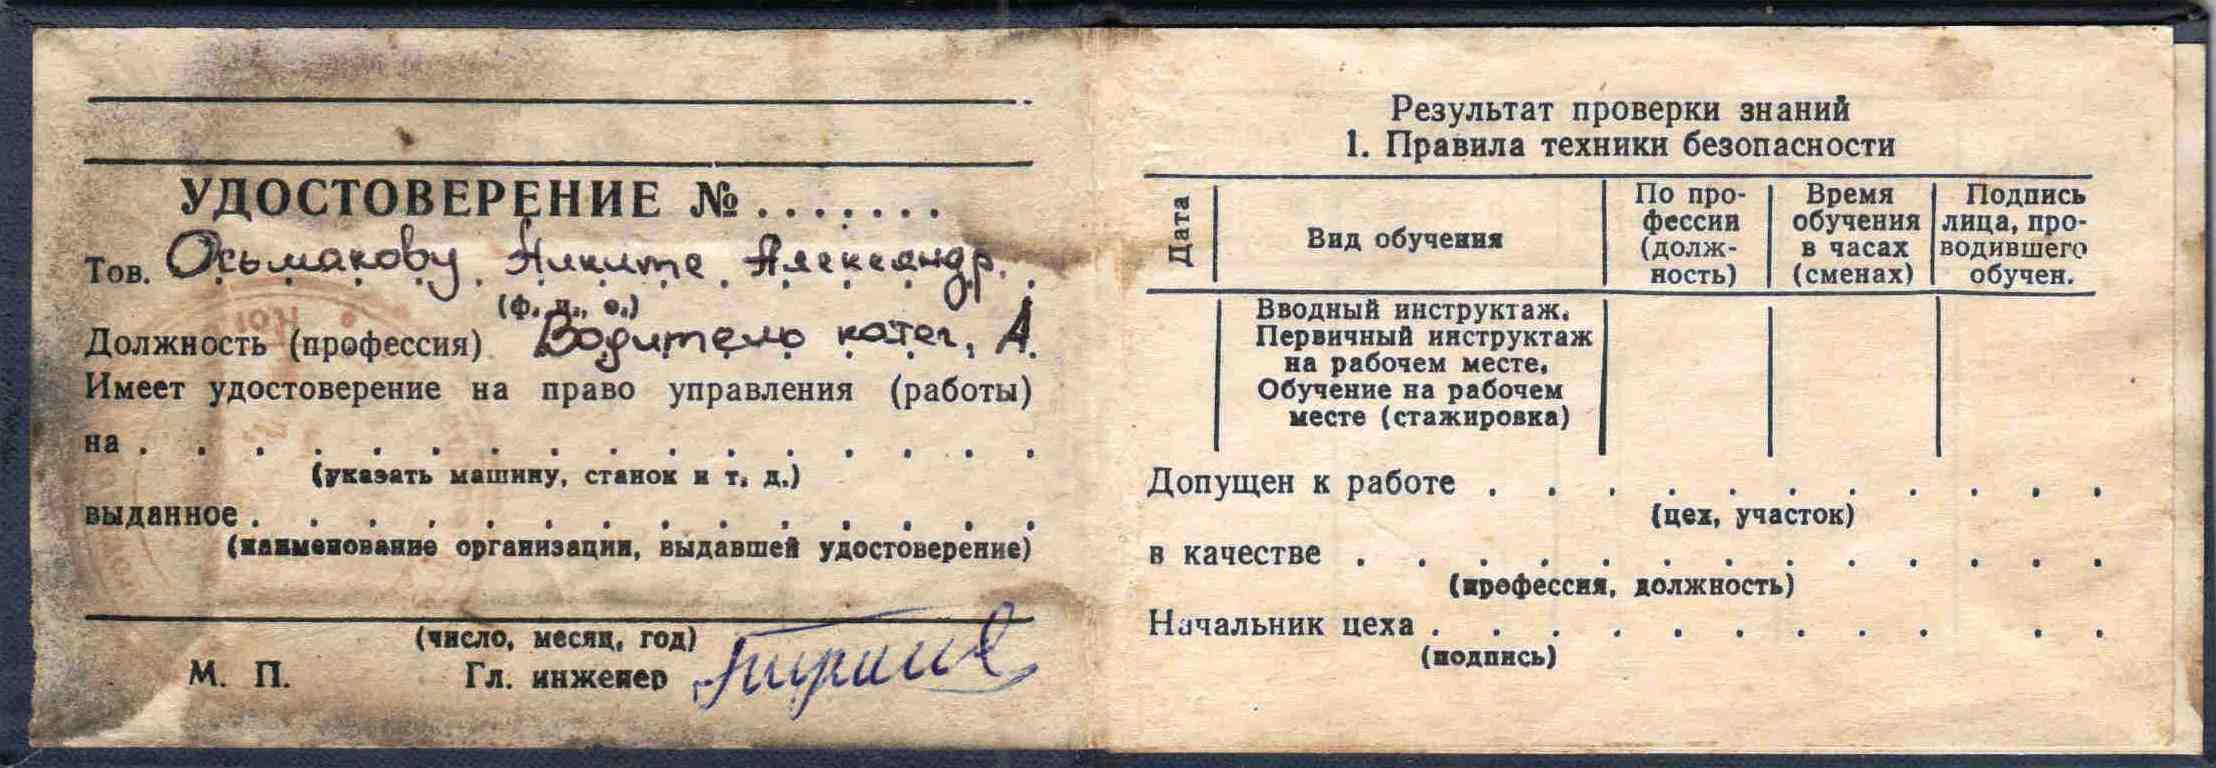 42. Удостоверение водителя